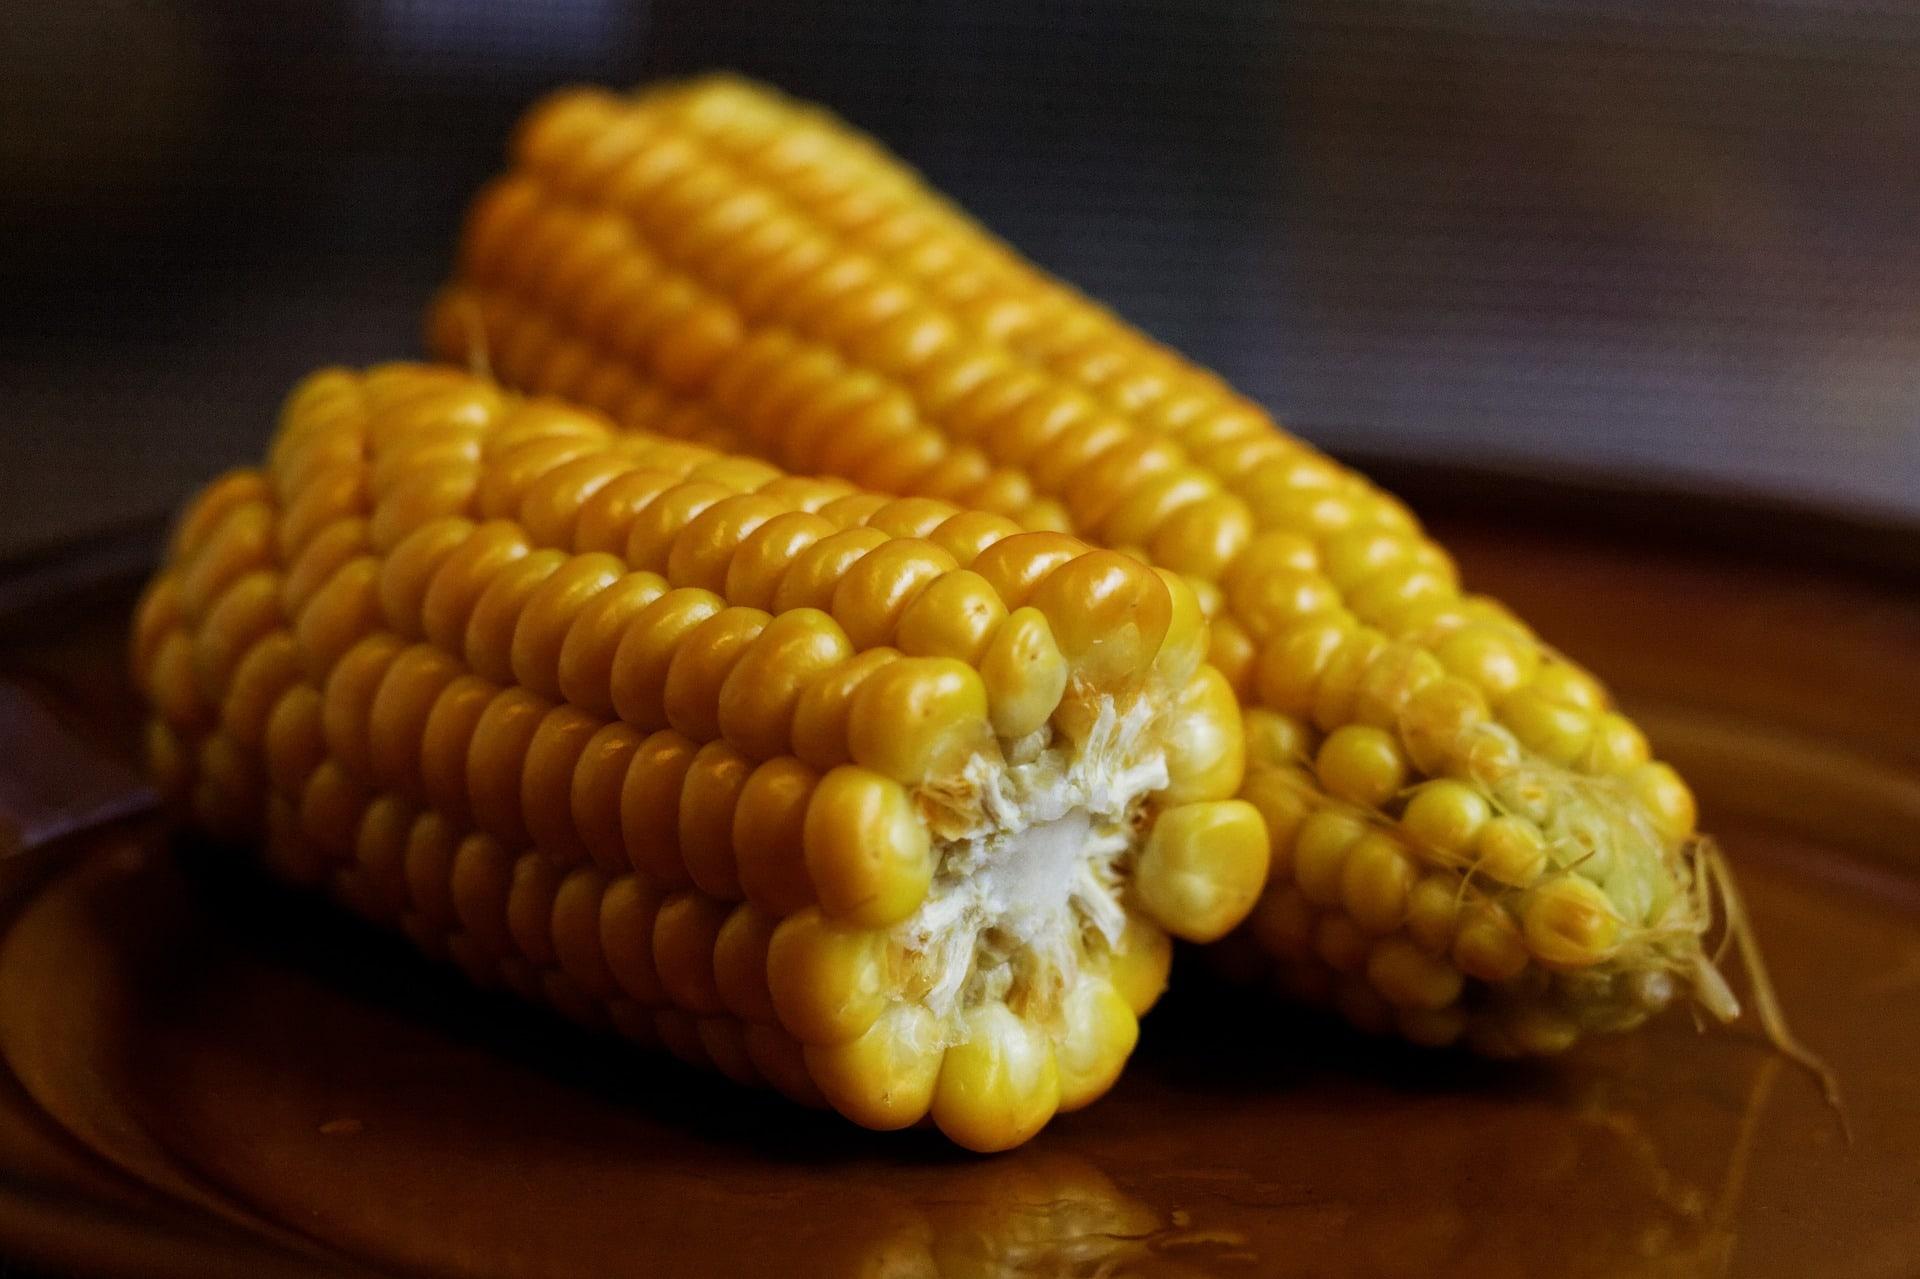 corn-on-the-cob-932857_1920